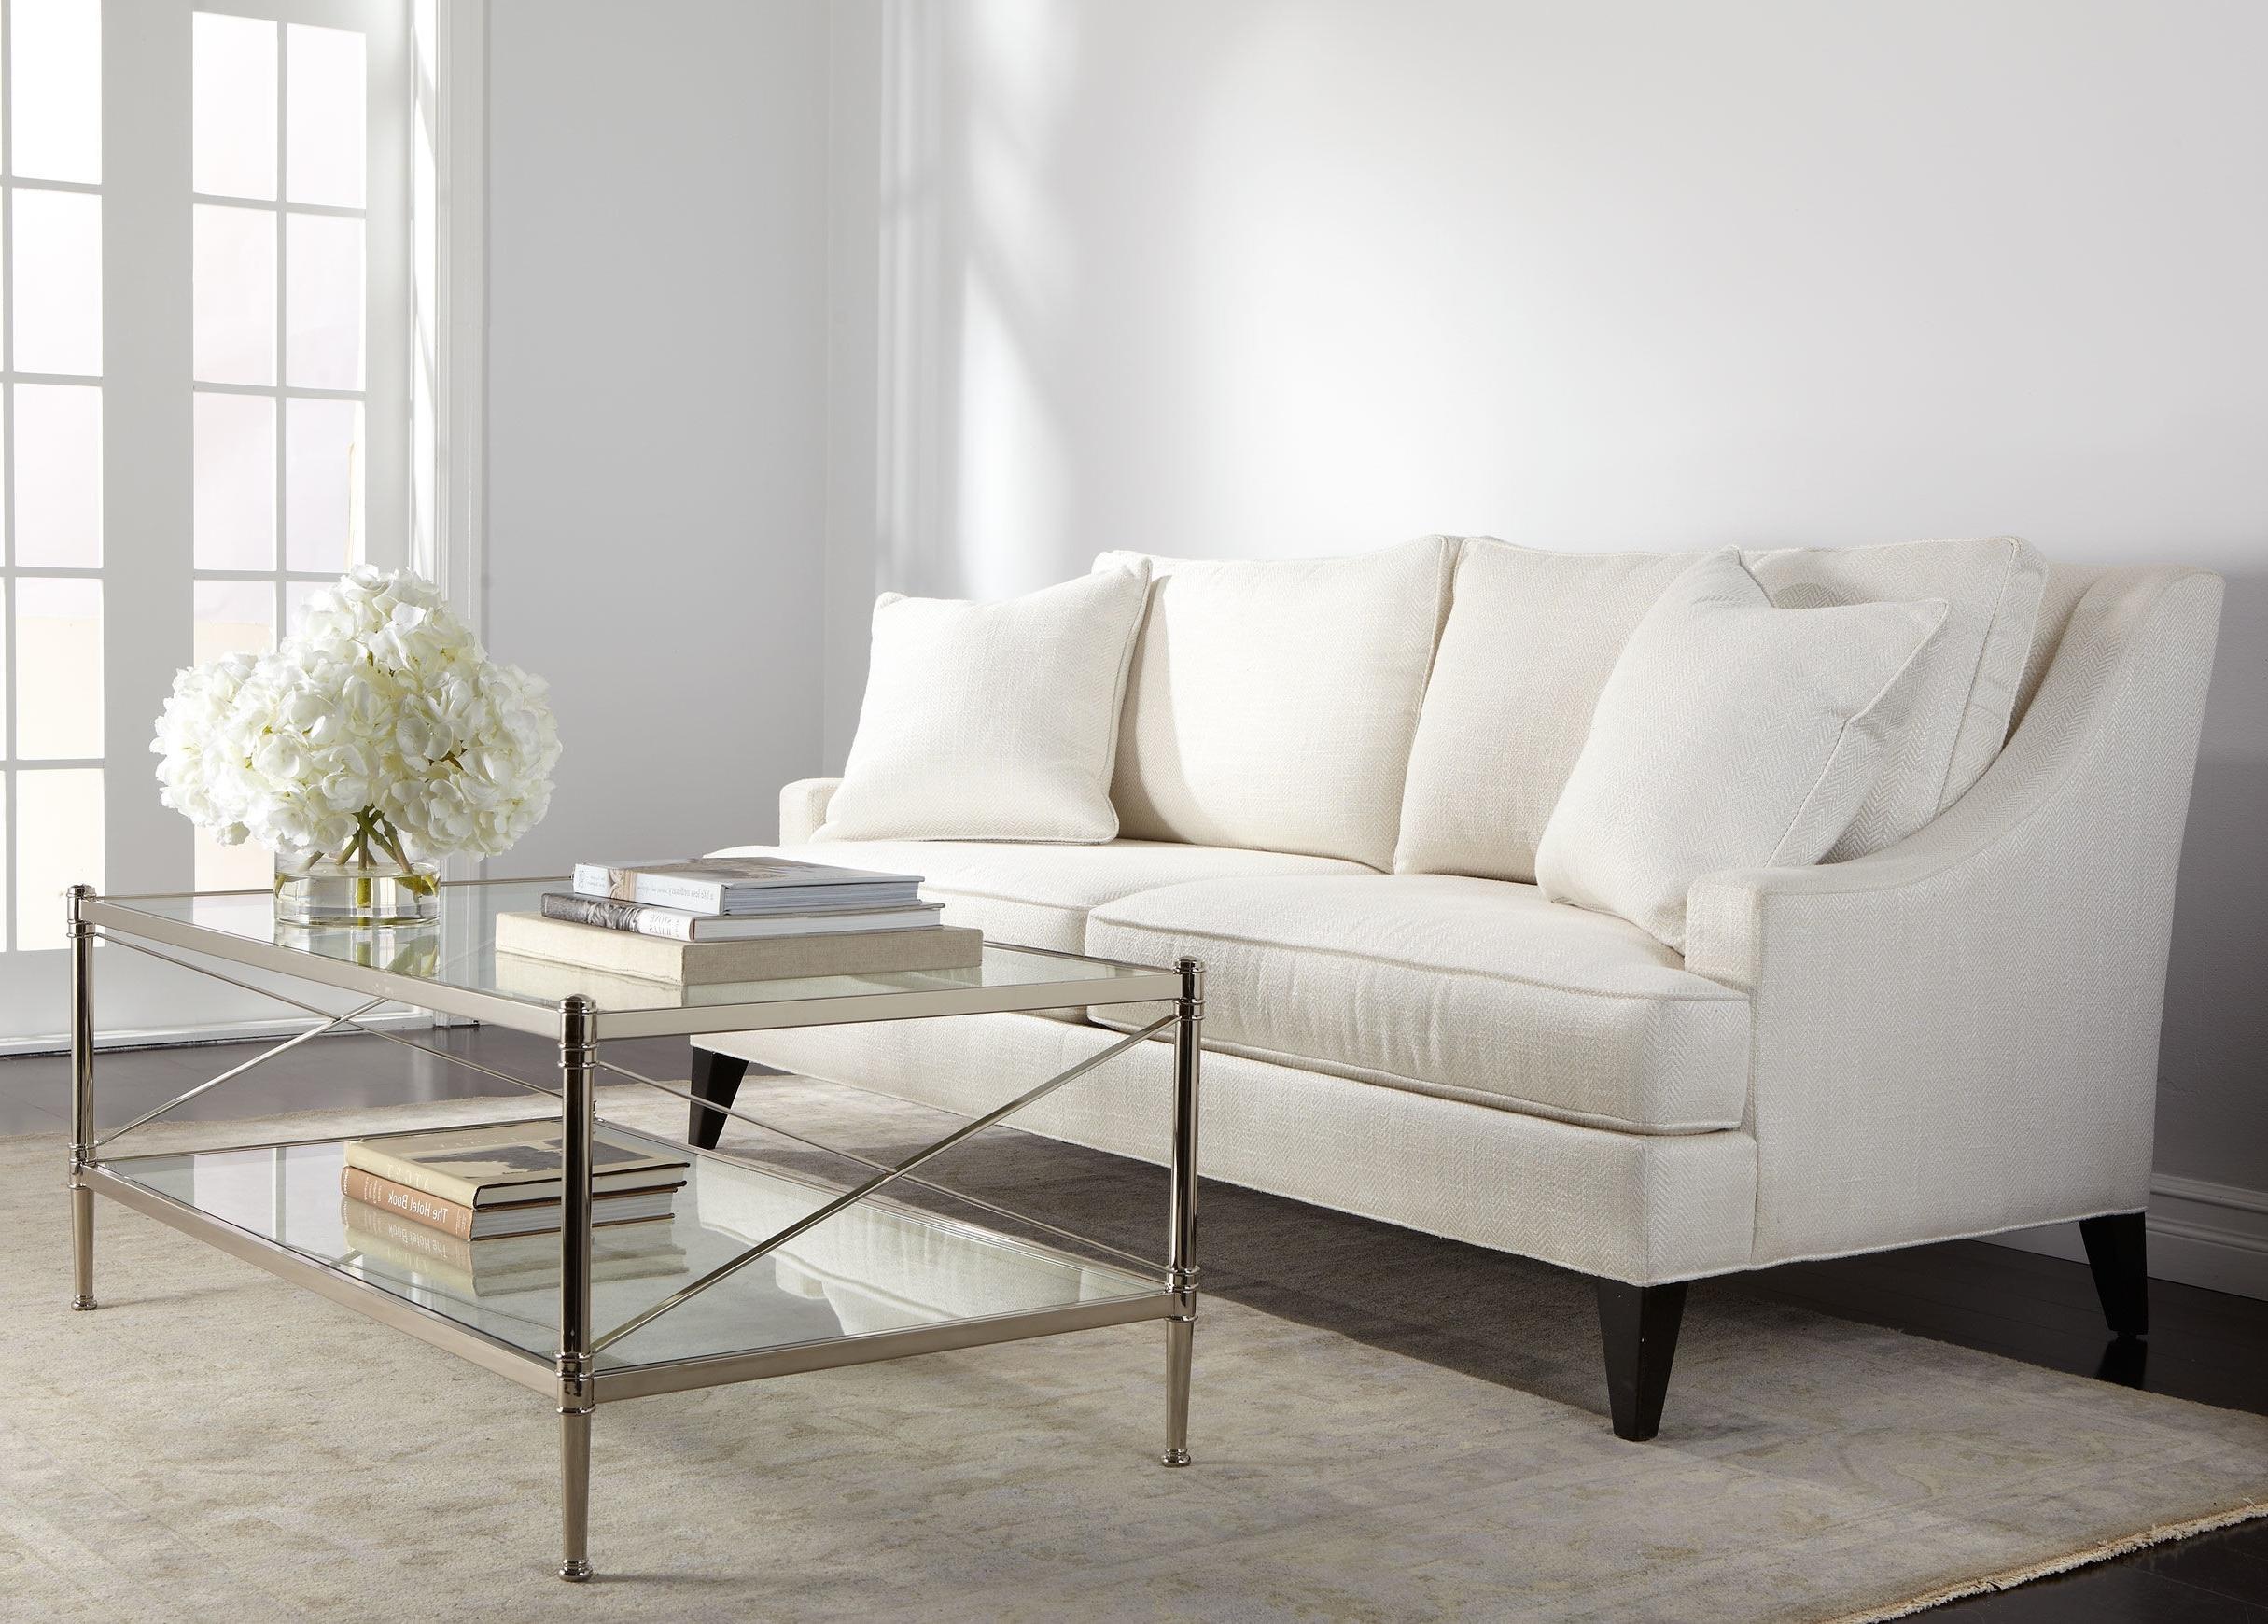 2018 Furniture : Ethan Allen Down Filled Sofa Elegant Best Ethan Allen Intended For Down Filled Sofas (View 1 of 15)